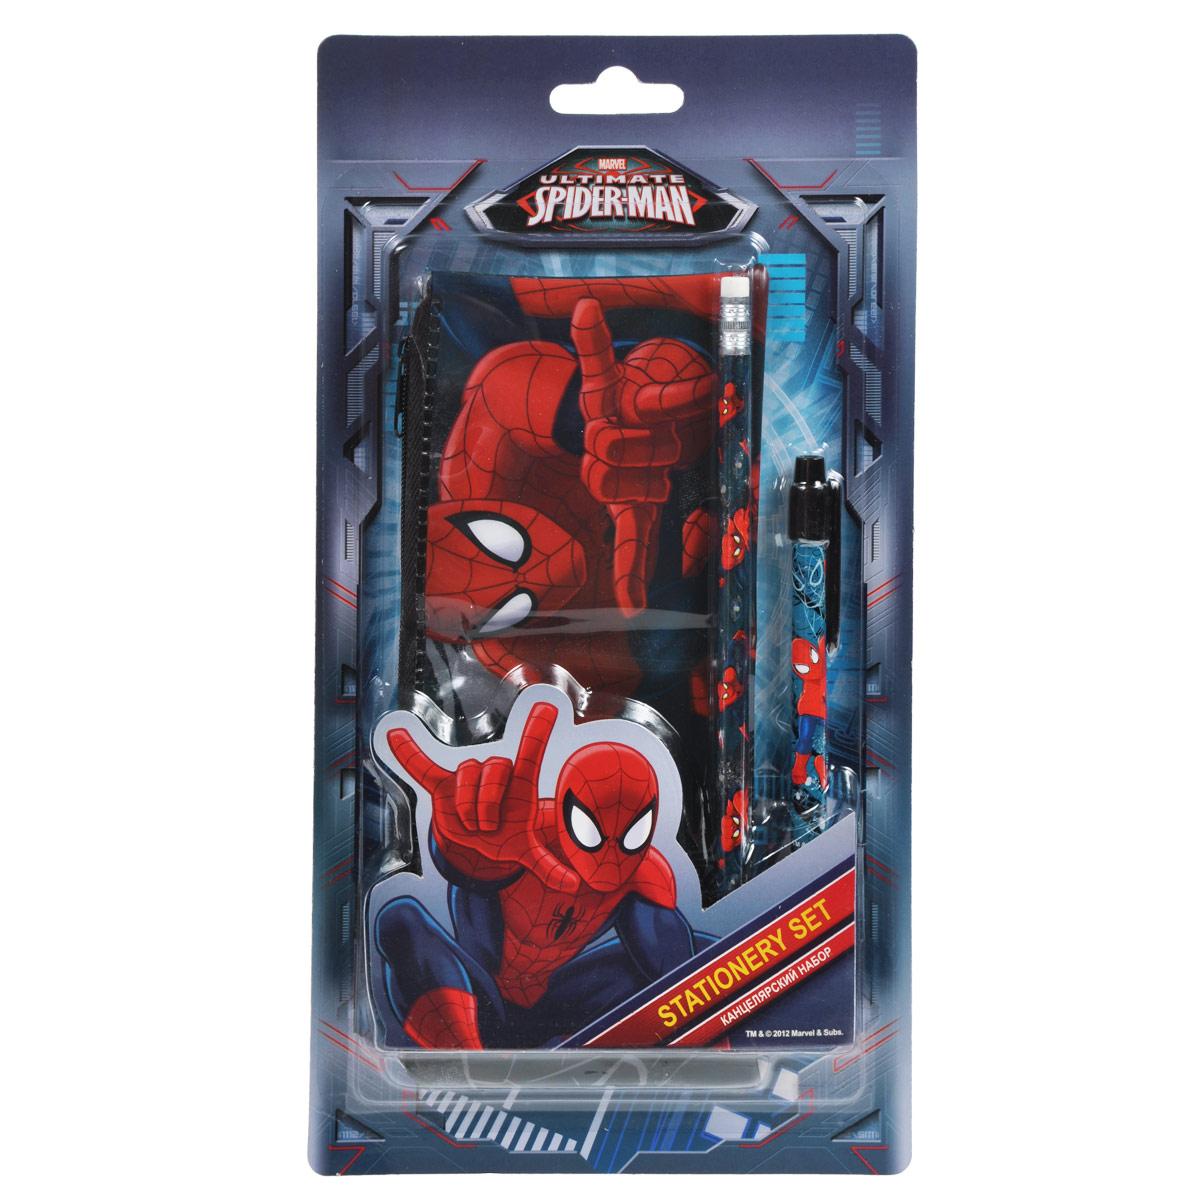 Канцелярский набор Spider-man, 3 предмета72523WDКанцелярский набор Spider-man станет незаменимым атрибутом в учебе любого школьника.Он включает в себя прямоугольный пенал, чернографитный карандаш с ластиком и автоматическую ручку. Пенал закрывается на застежку-молнию. Ручка снабжена прорезиненной вставкой в области захвата, подача стержня производится путем нажатия на кнопку в верхней части ручки. Все предметы набора оформлены изображениями Человека-Паука.